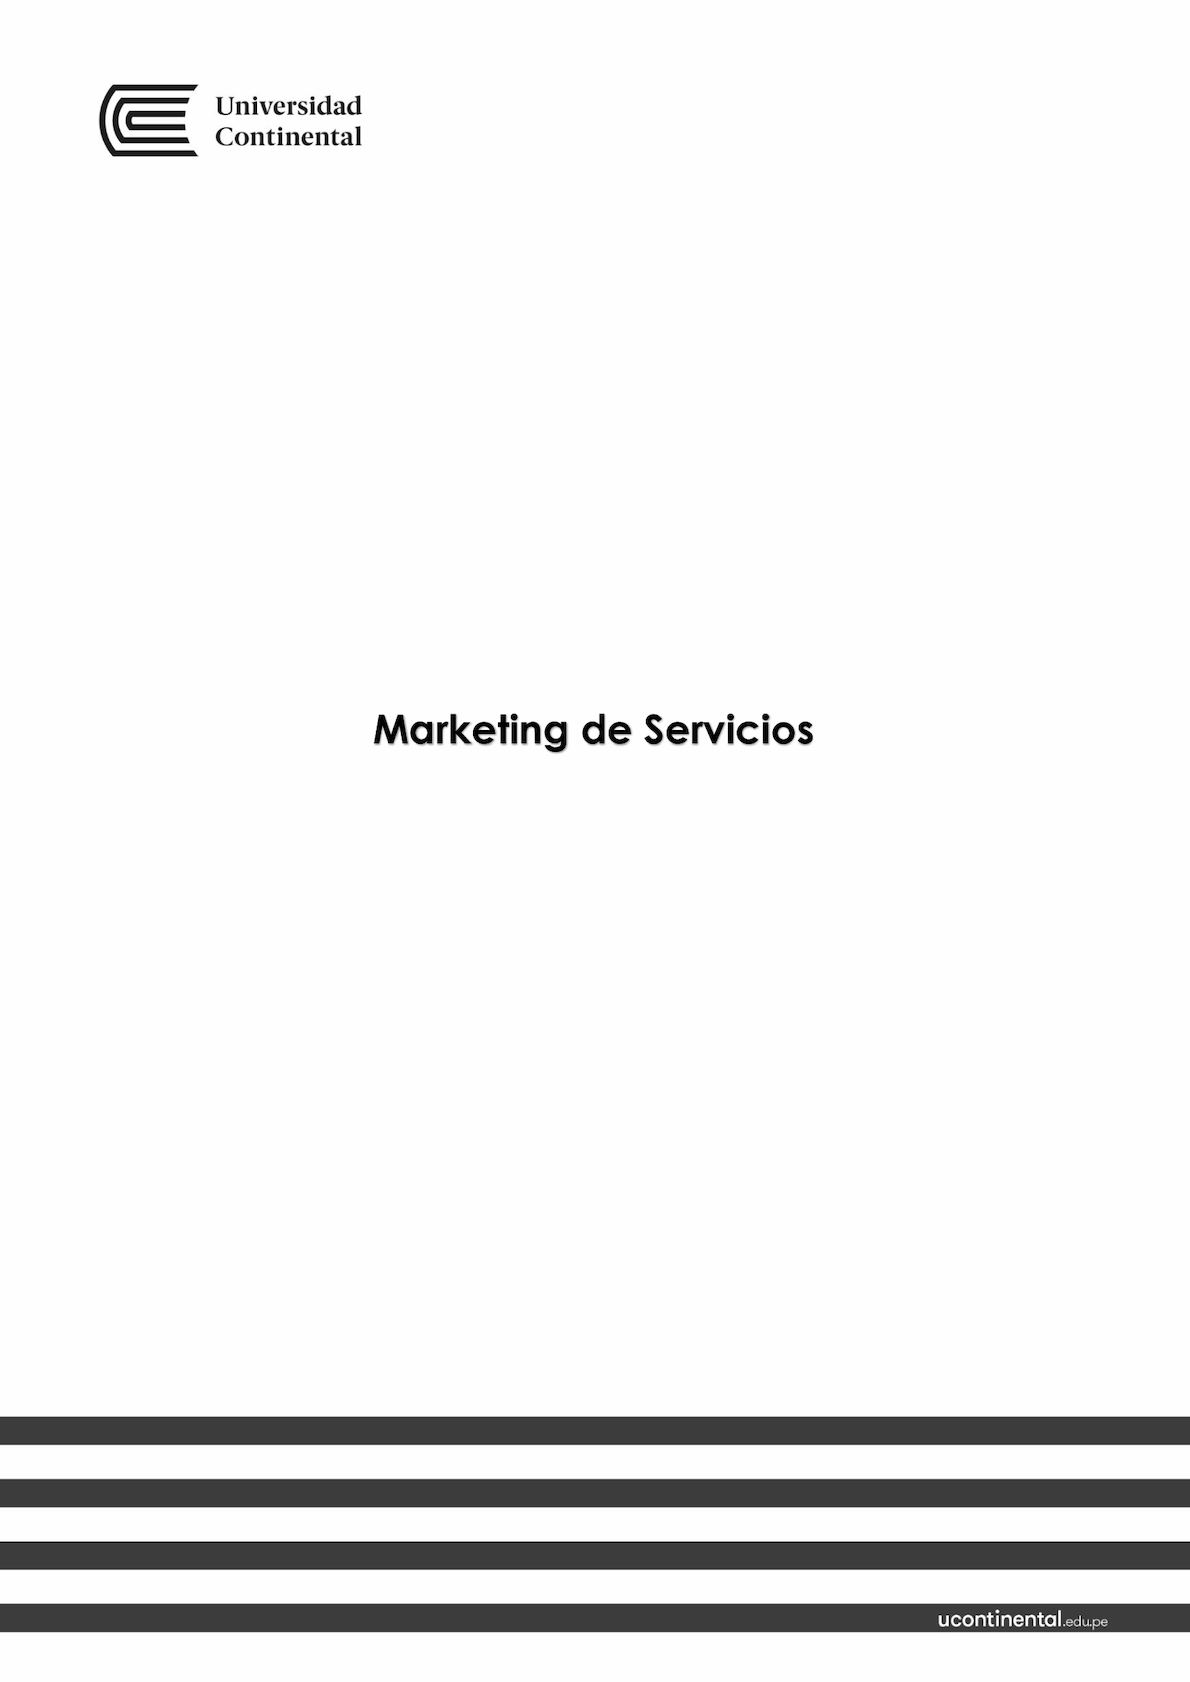 Calaméo - Texto De Marketing De Serviciosv1